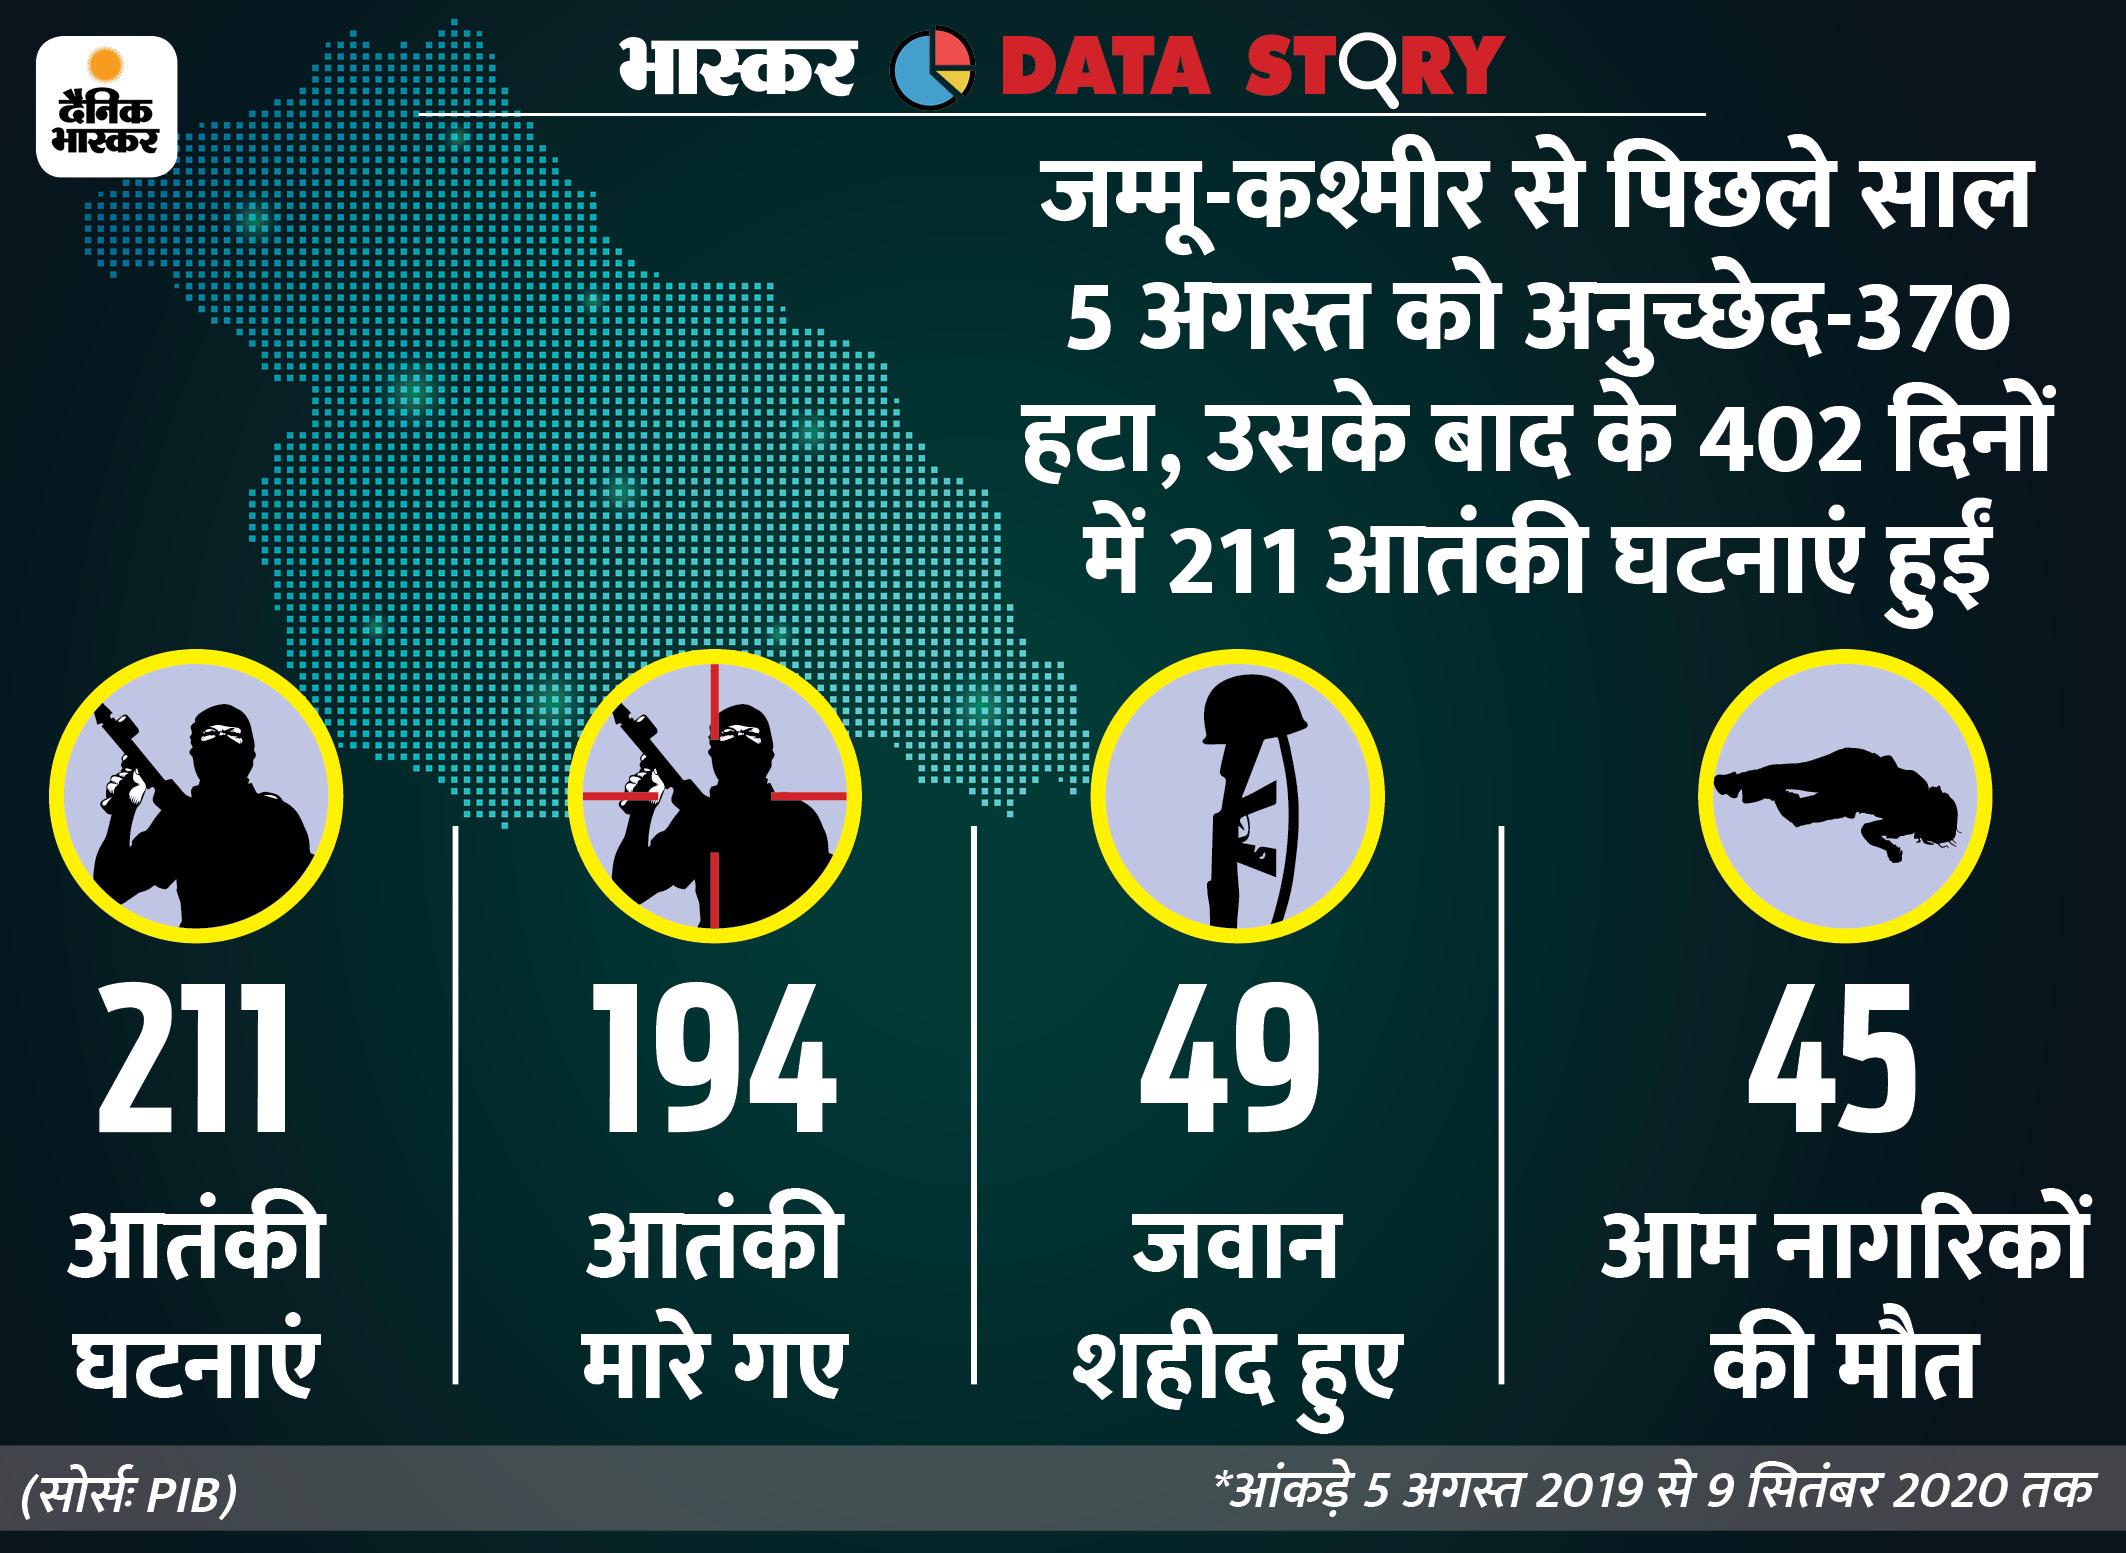 370 हटने के बाद हमारे एक जवान की शहादत के बदले में सेना 4 आतंकियों का सफाया कर रही|एक्सप्लेनर,Explainer - Dainik Bhaskar